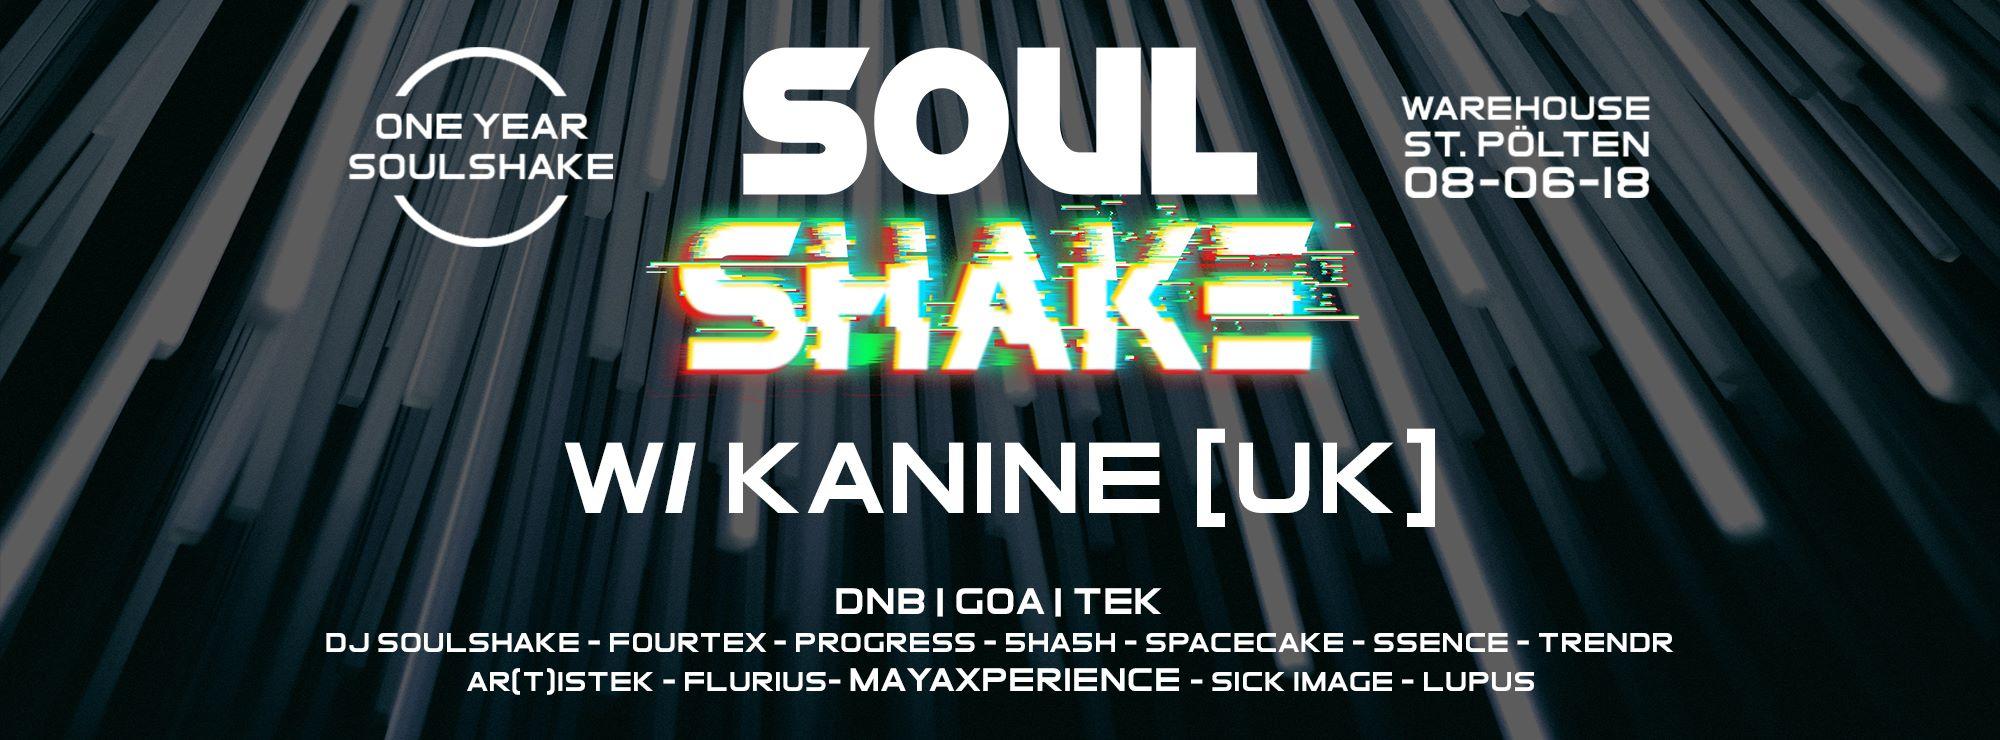 Soulshake w/ Kanine [UK]